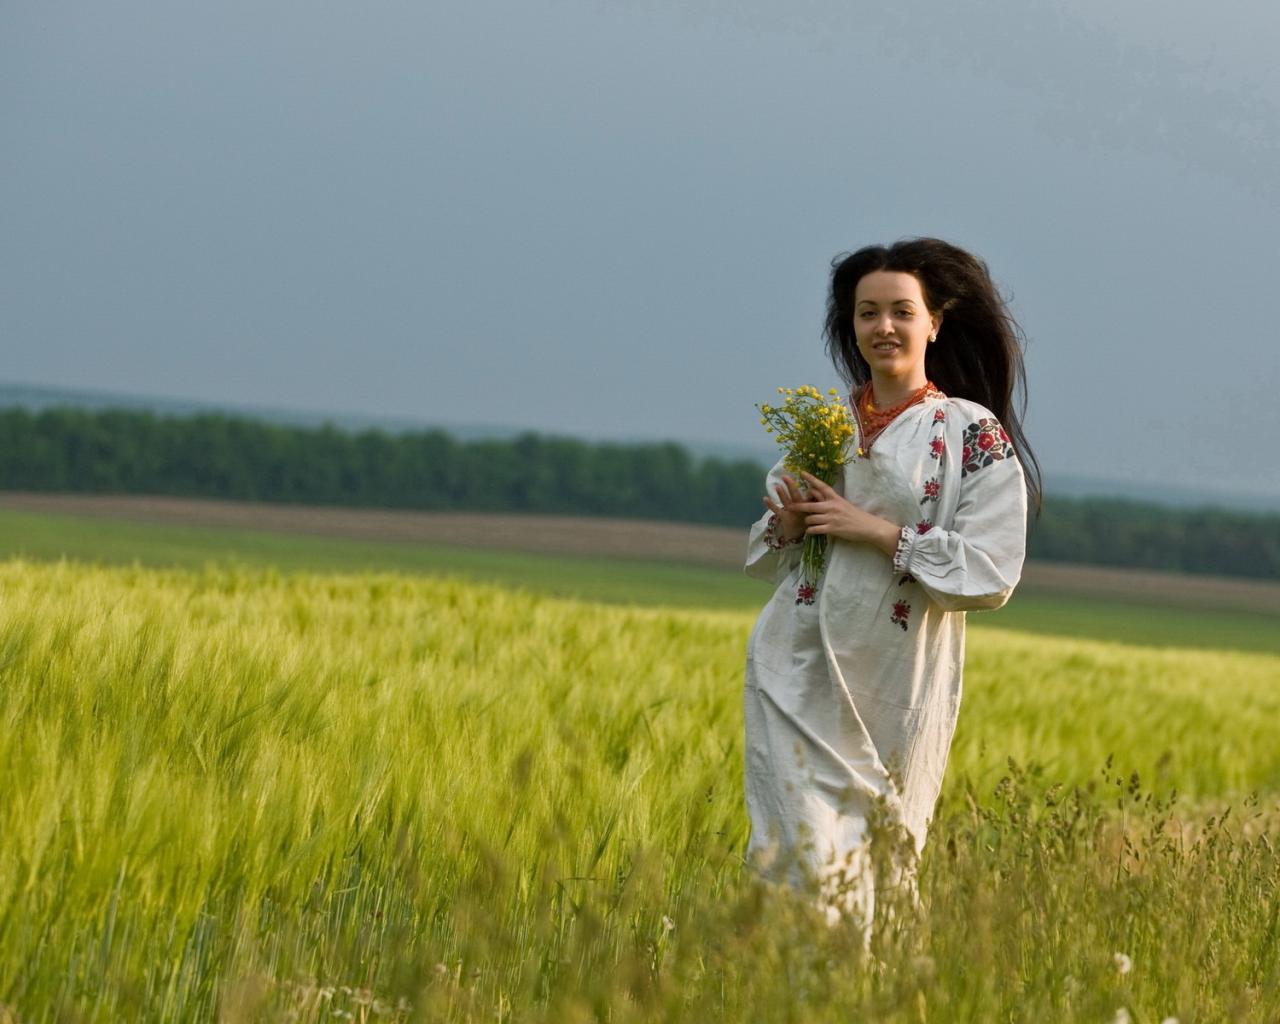 фото девочки с цветами: